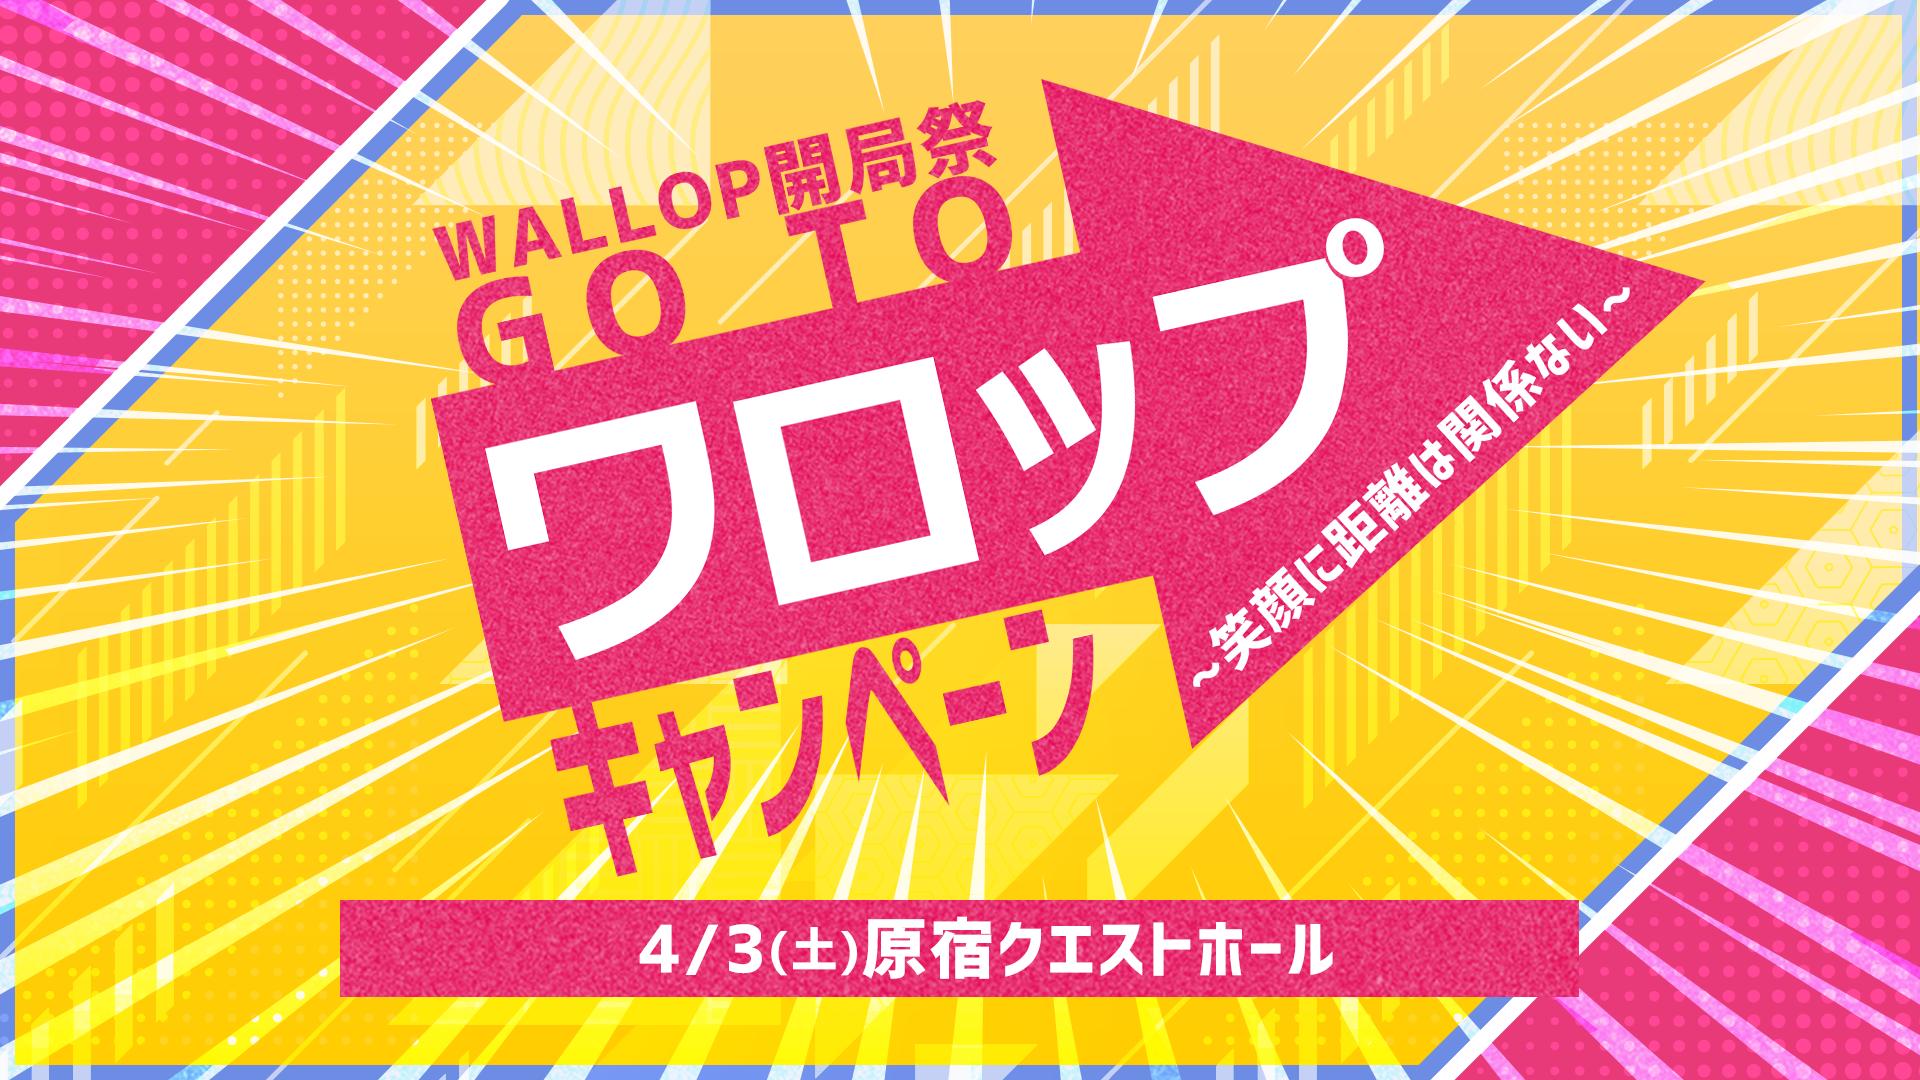 【2021/4/3/原宿クエストホール】WALLOP開局祭 GO TO ワロップキャンペーン〜笑顔に距離は関係ない〜 WALNING番外編!!